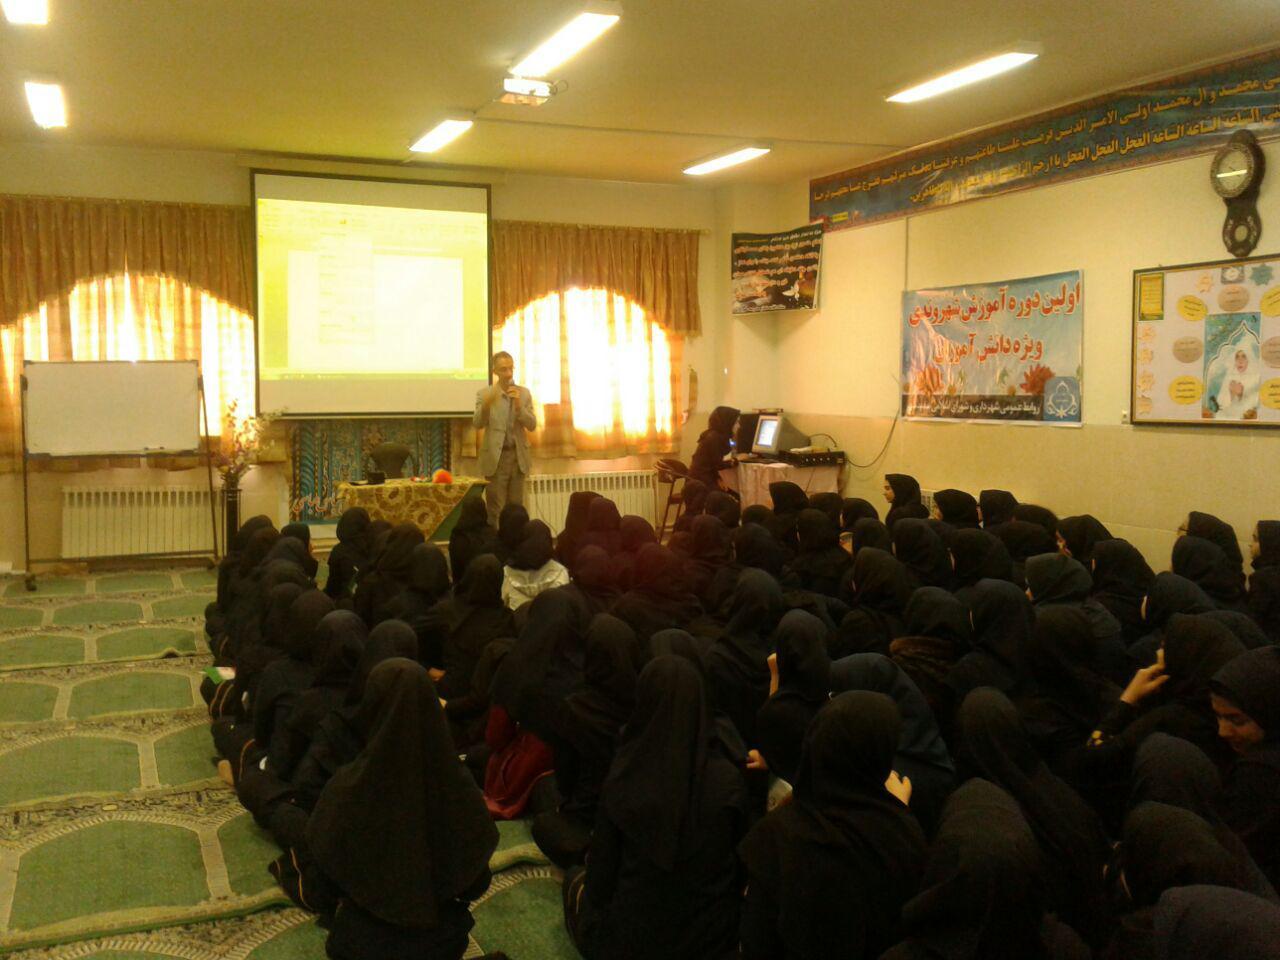 دومین جلسه آموزش شهروندی در دبیرستان زنده یادخوروش